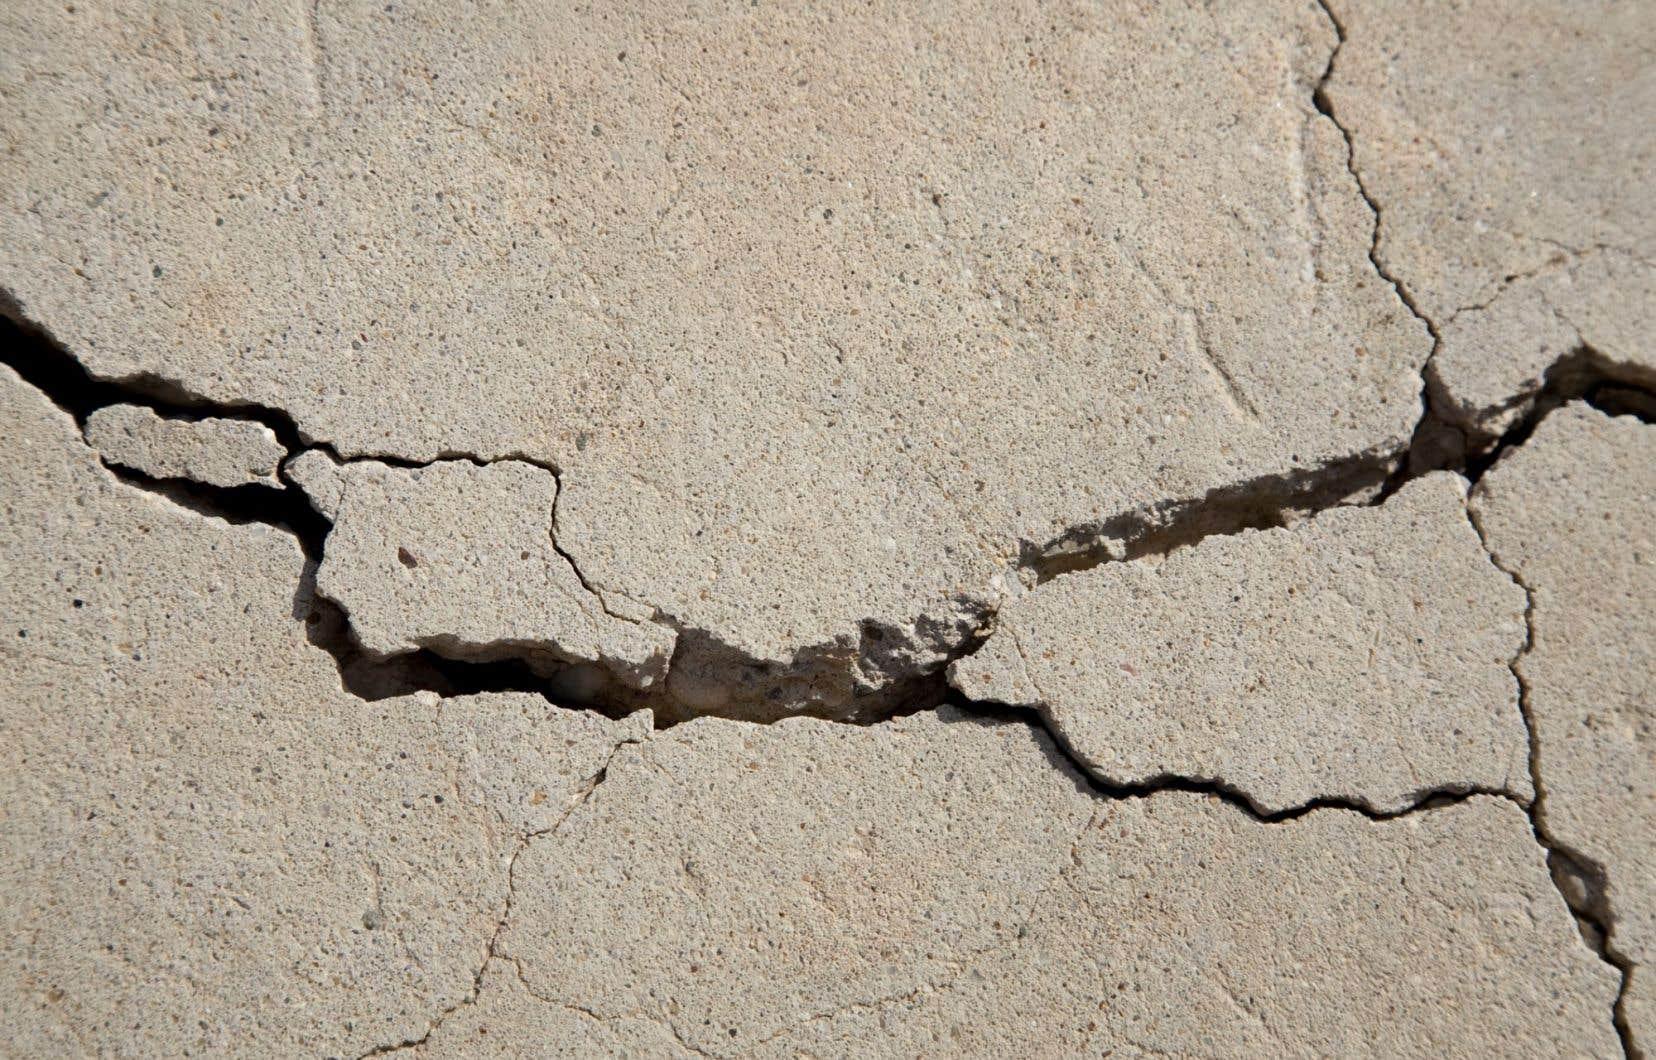 La pyrrhotite est un minerai qui, lorsque présent dans le granulatutilisé pour le béton, s'attaque aux fondations des maisons.